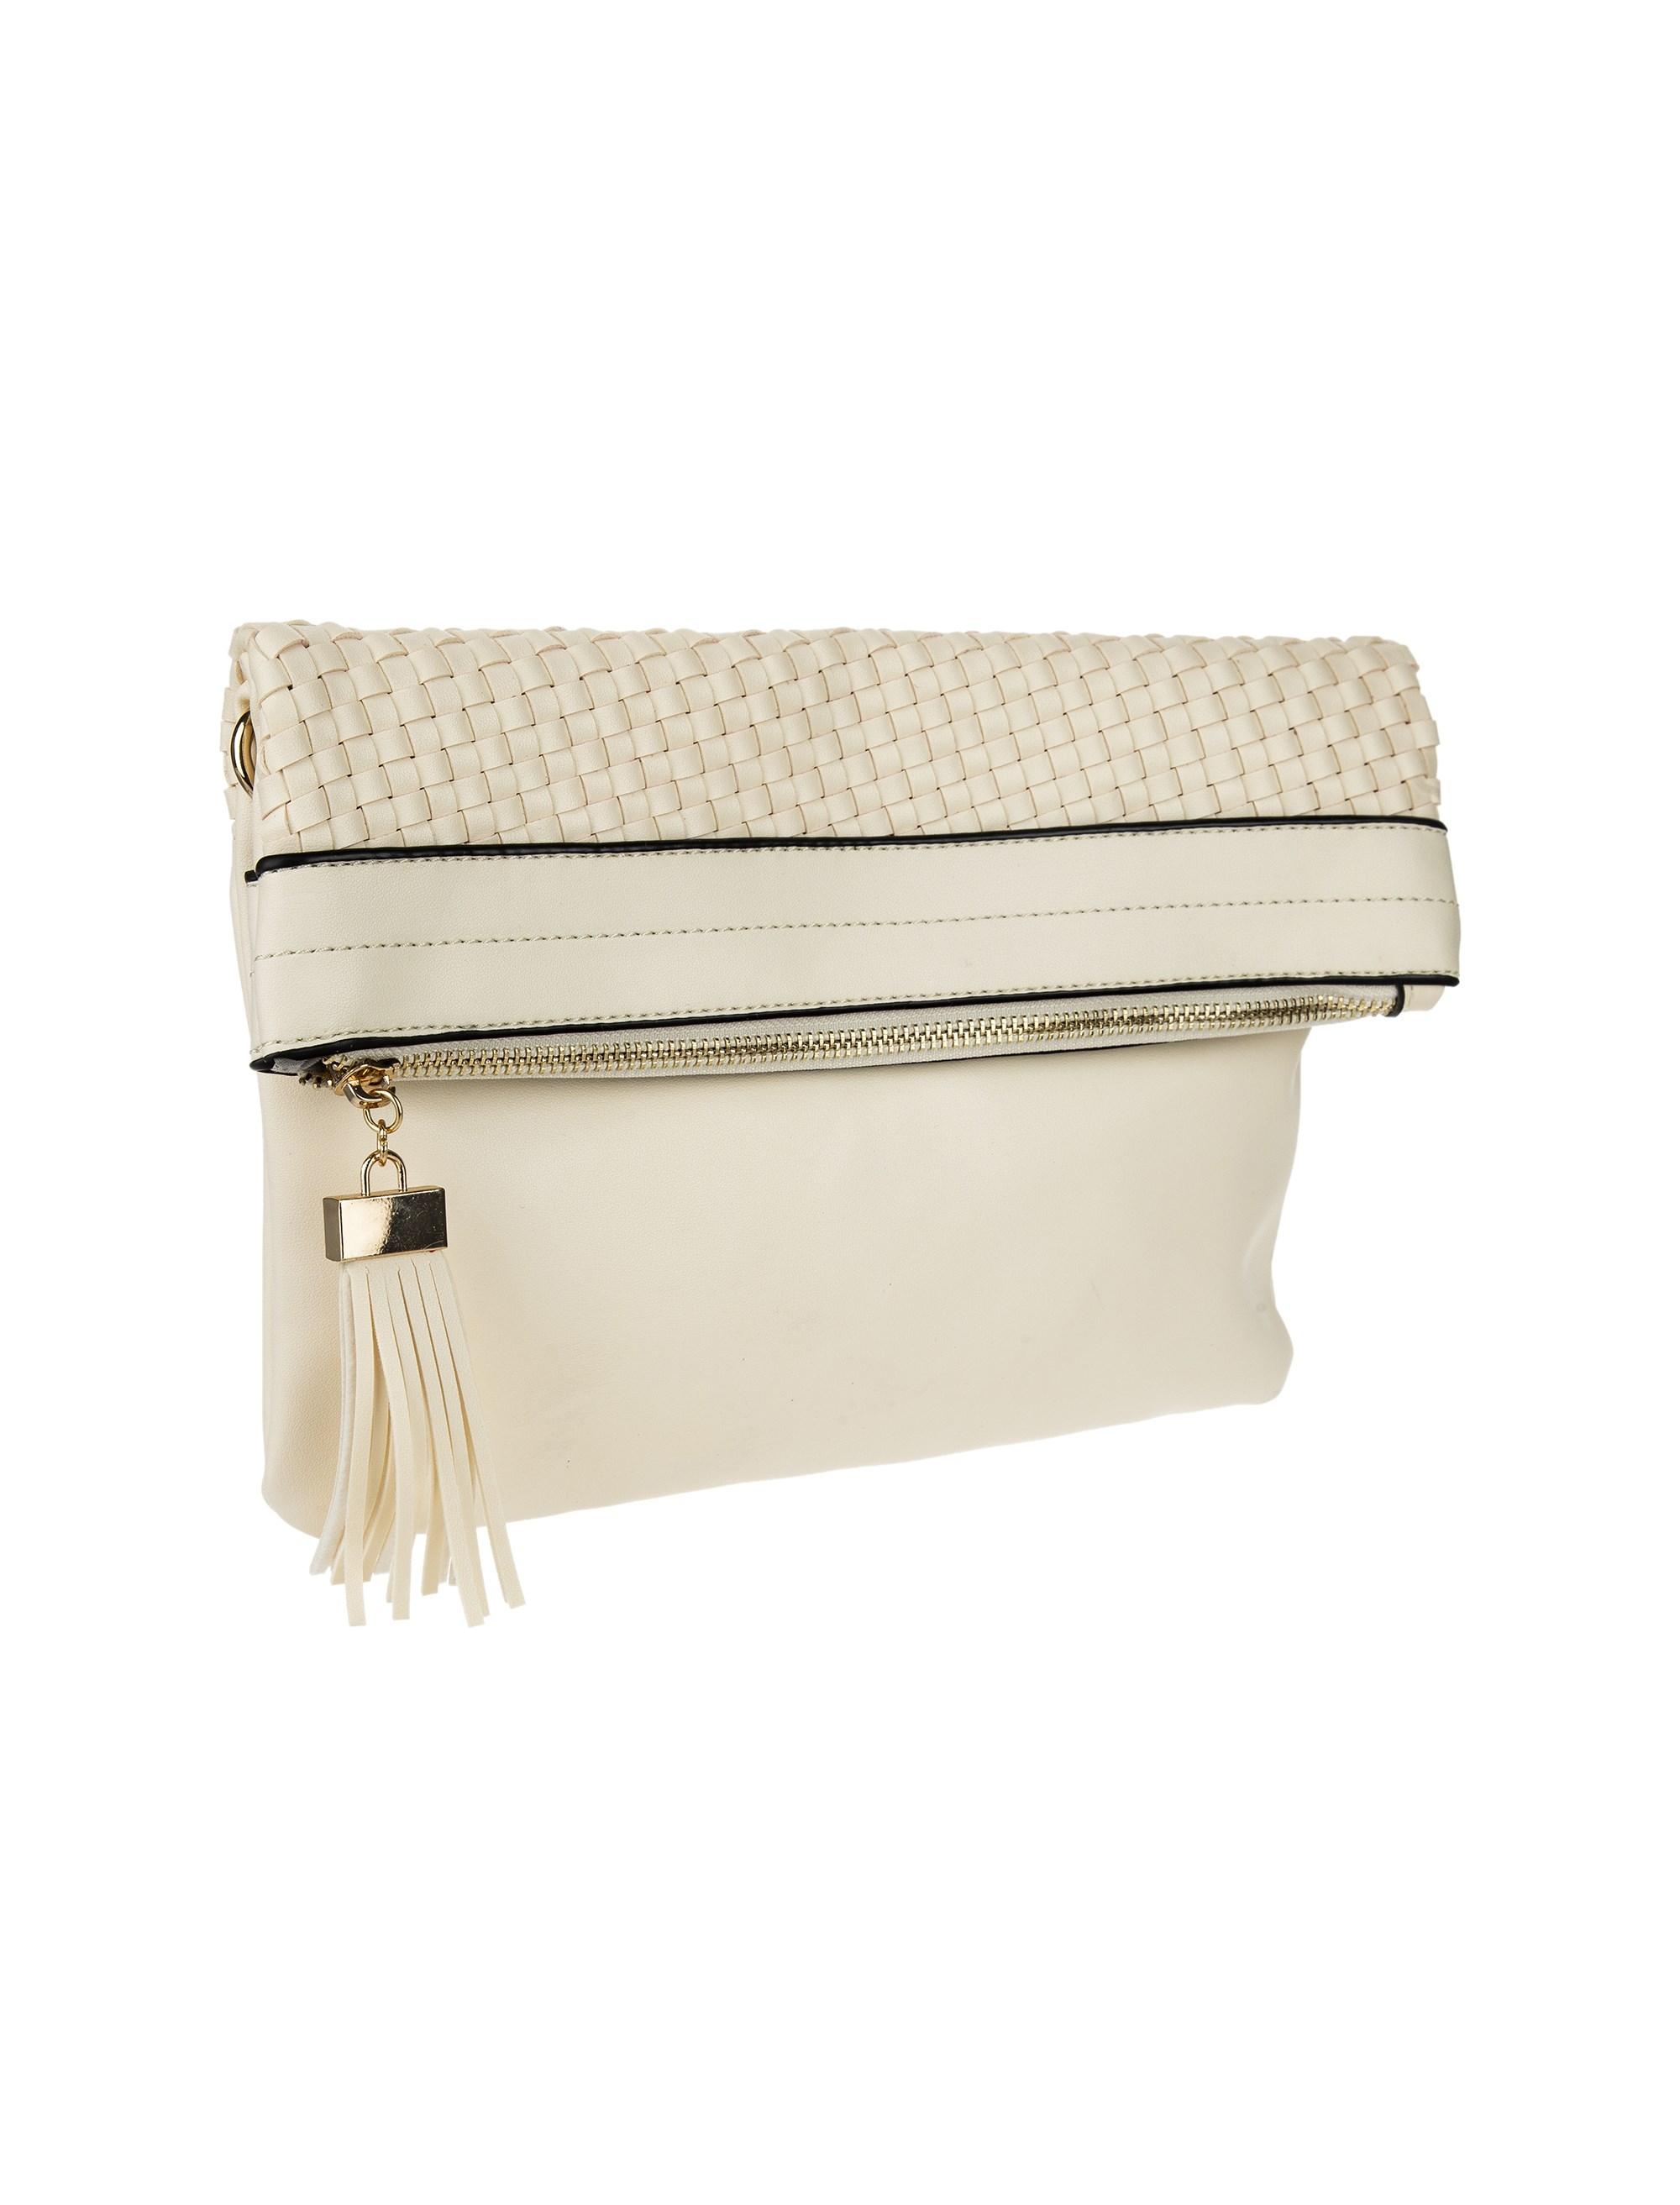 قیمت کیف دوشی روزمره زنانه - پائولو بگز